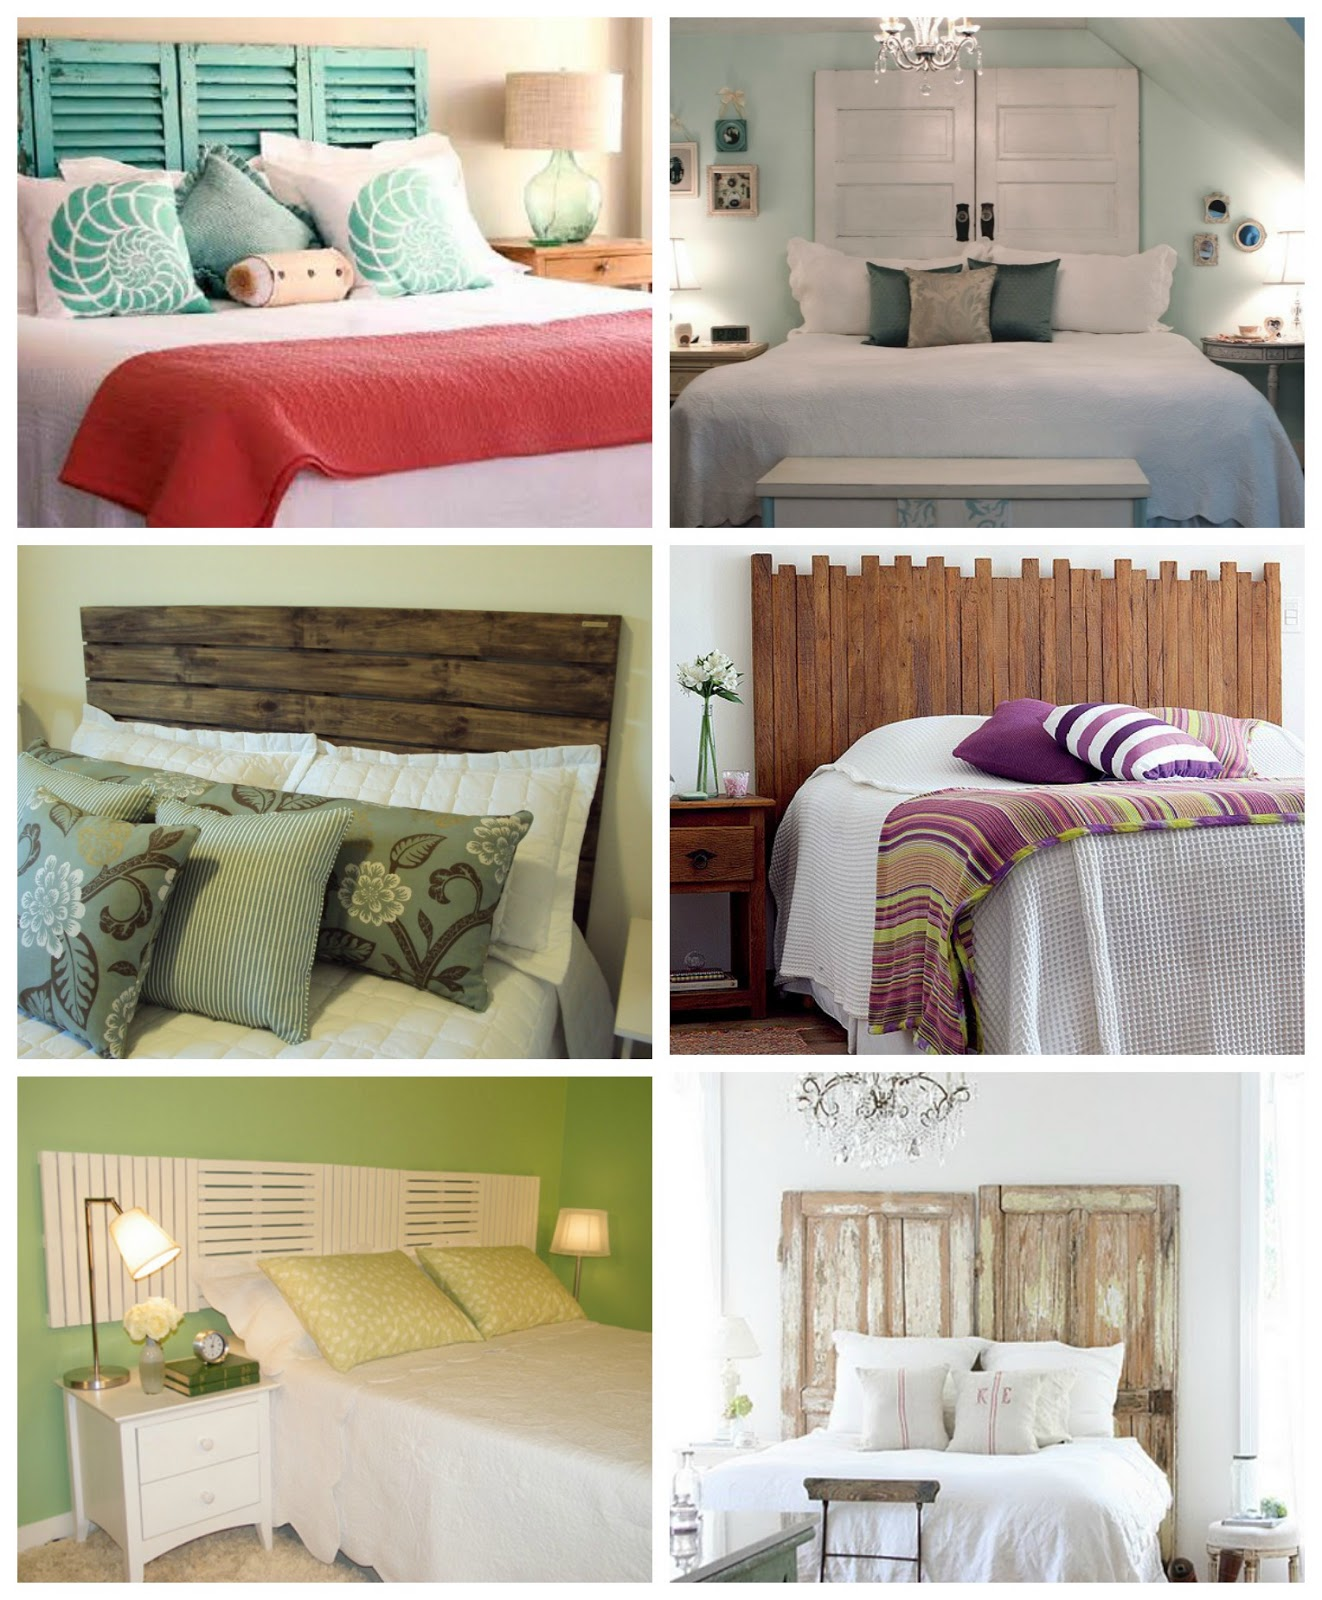 CUSTOMIZAR E RECICLAR: Varios modelos de cabeceiras de cama para você  #983335 1322x1600